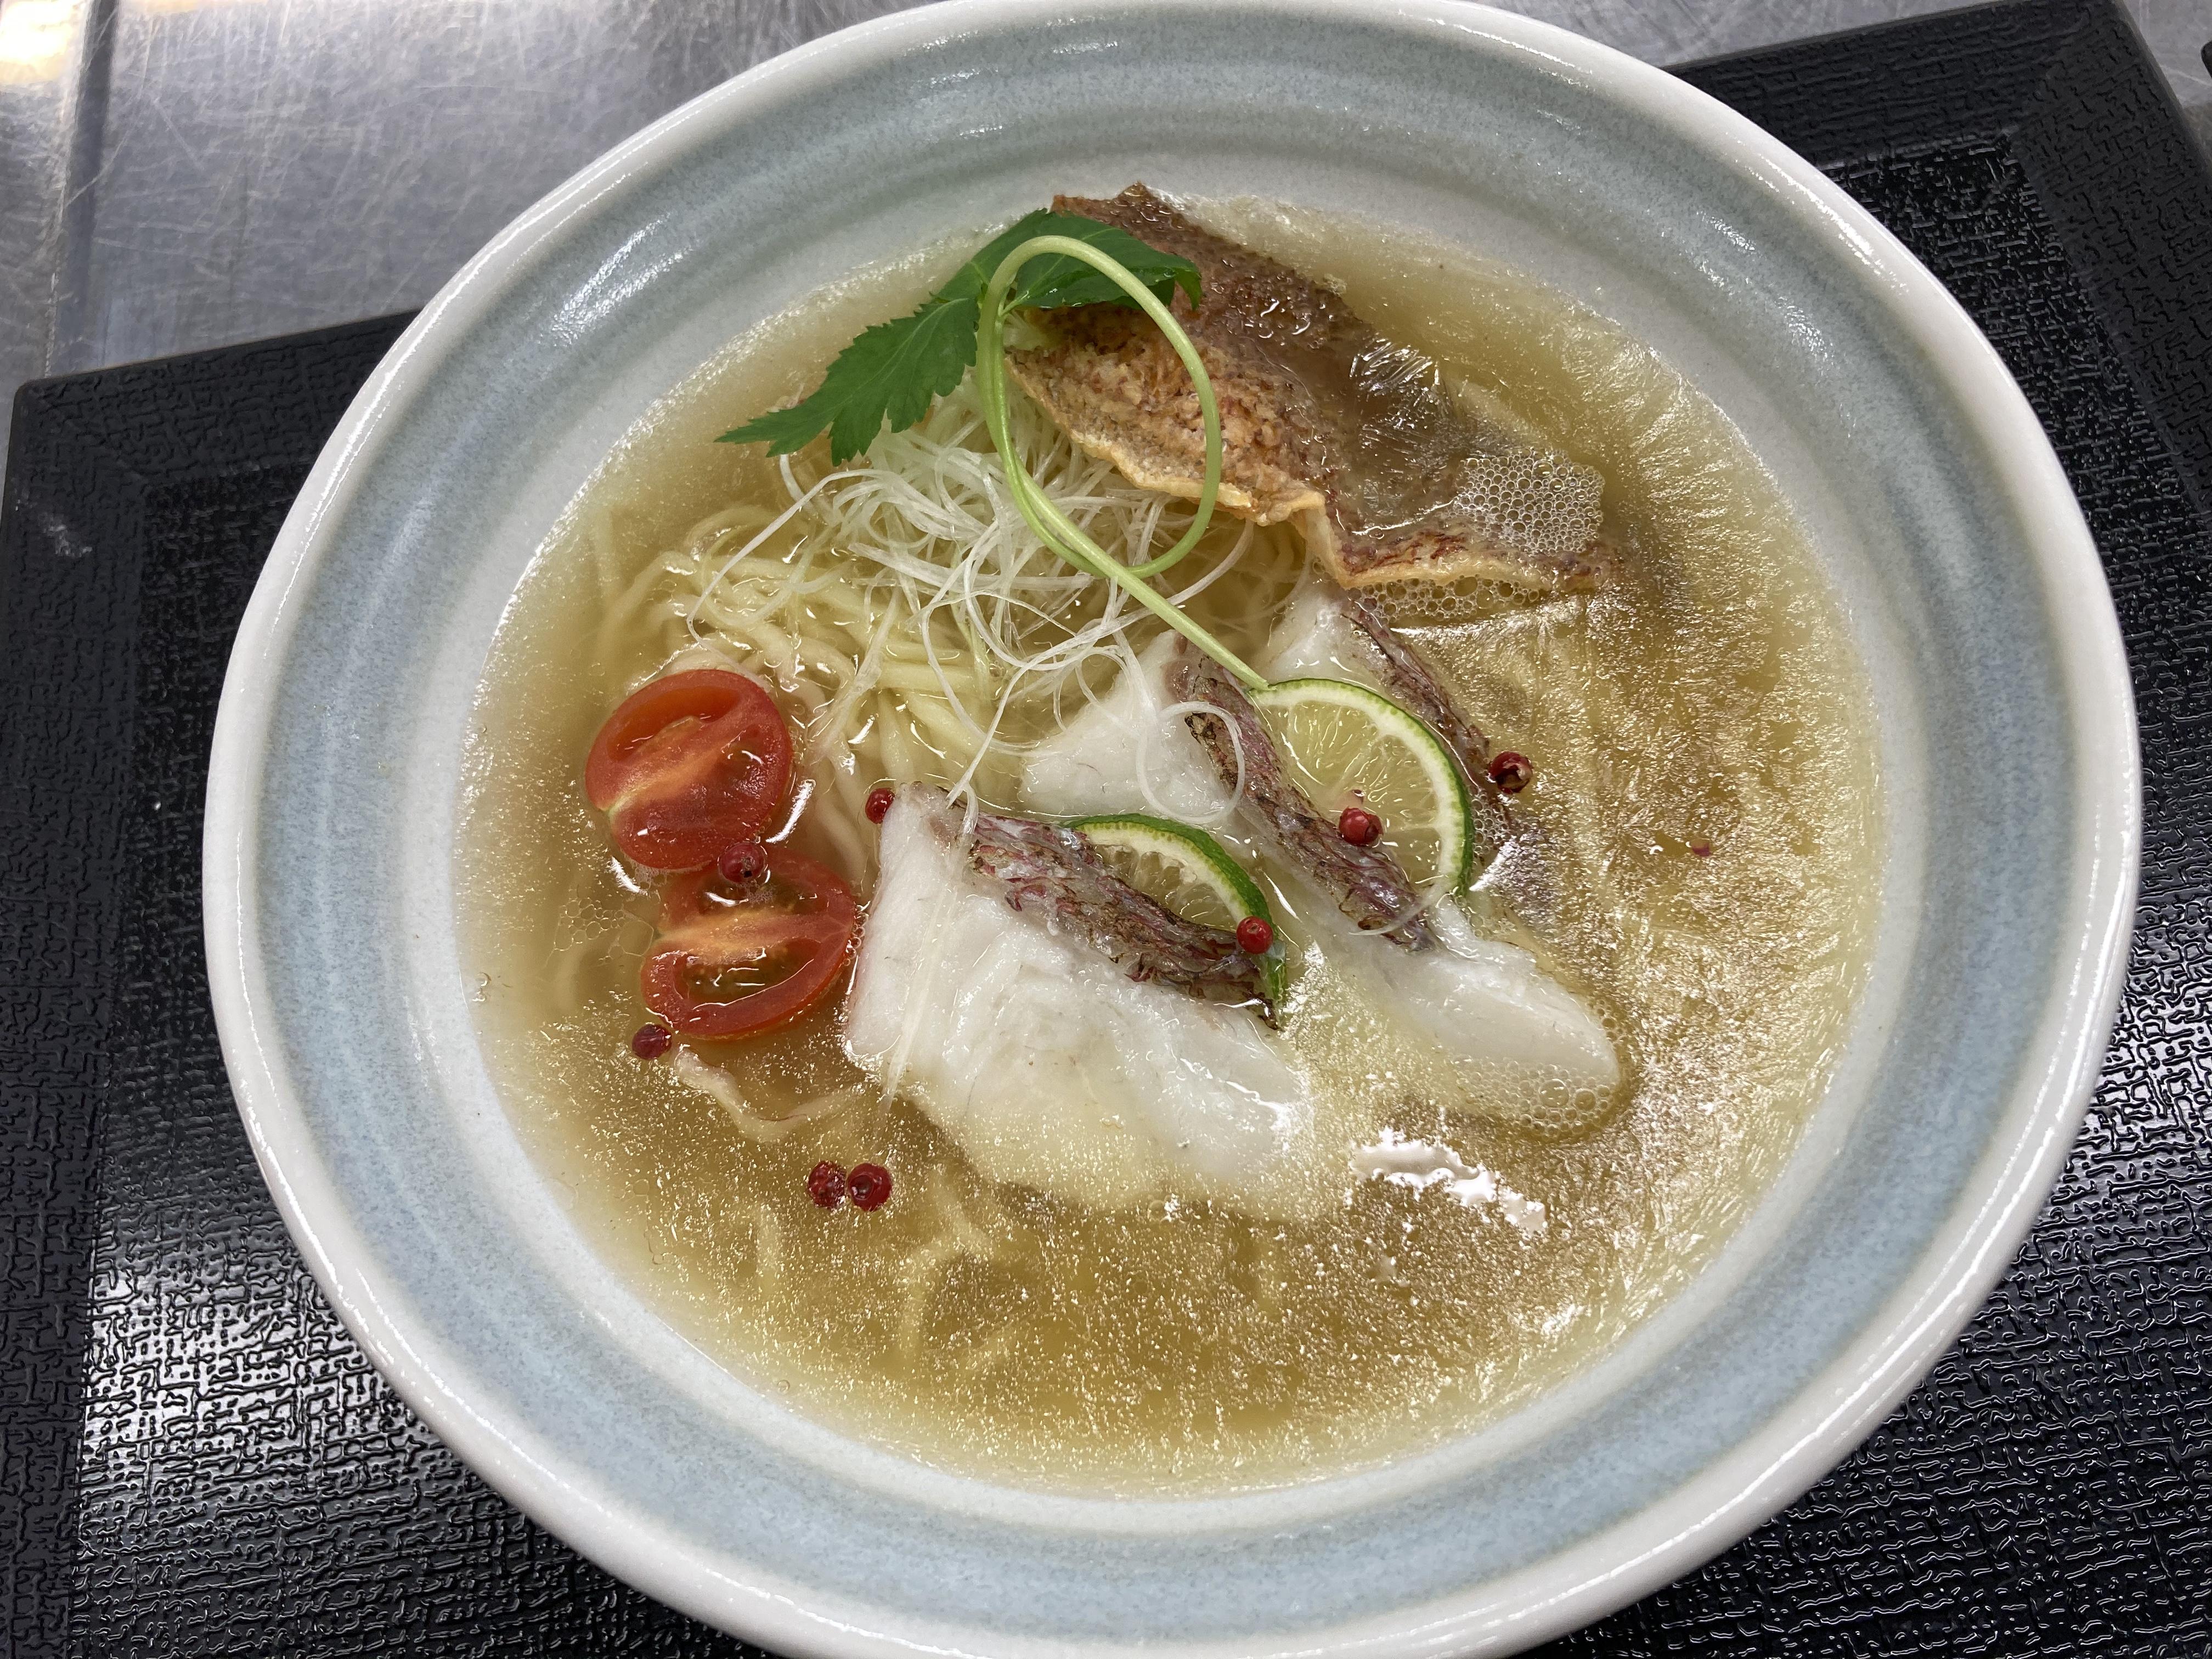 中文直播面条课(2020年12月23日)鲷鱼汤拉面制作演示活动